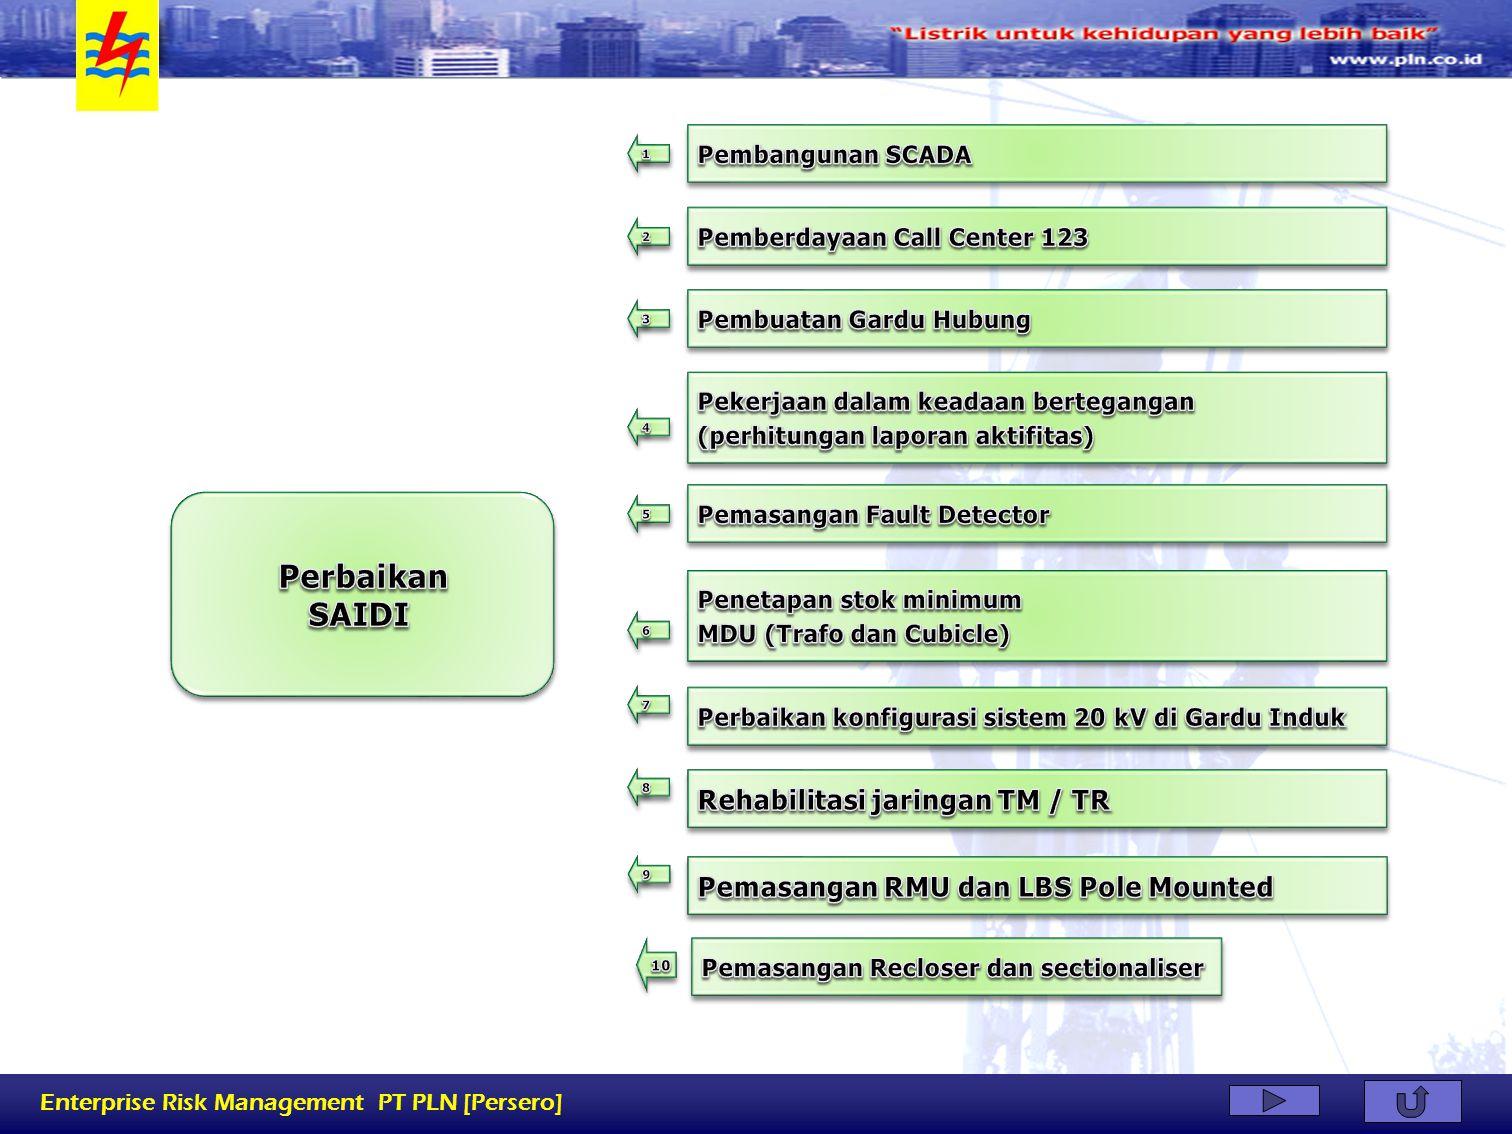 Perbaikan SAIDI Rehabilitasi jaringan TM / TR